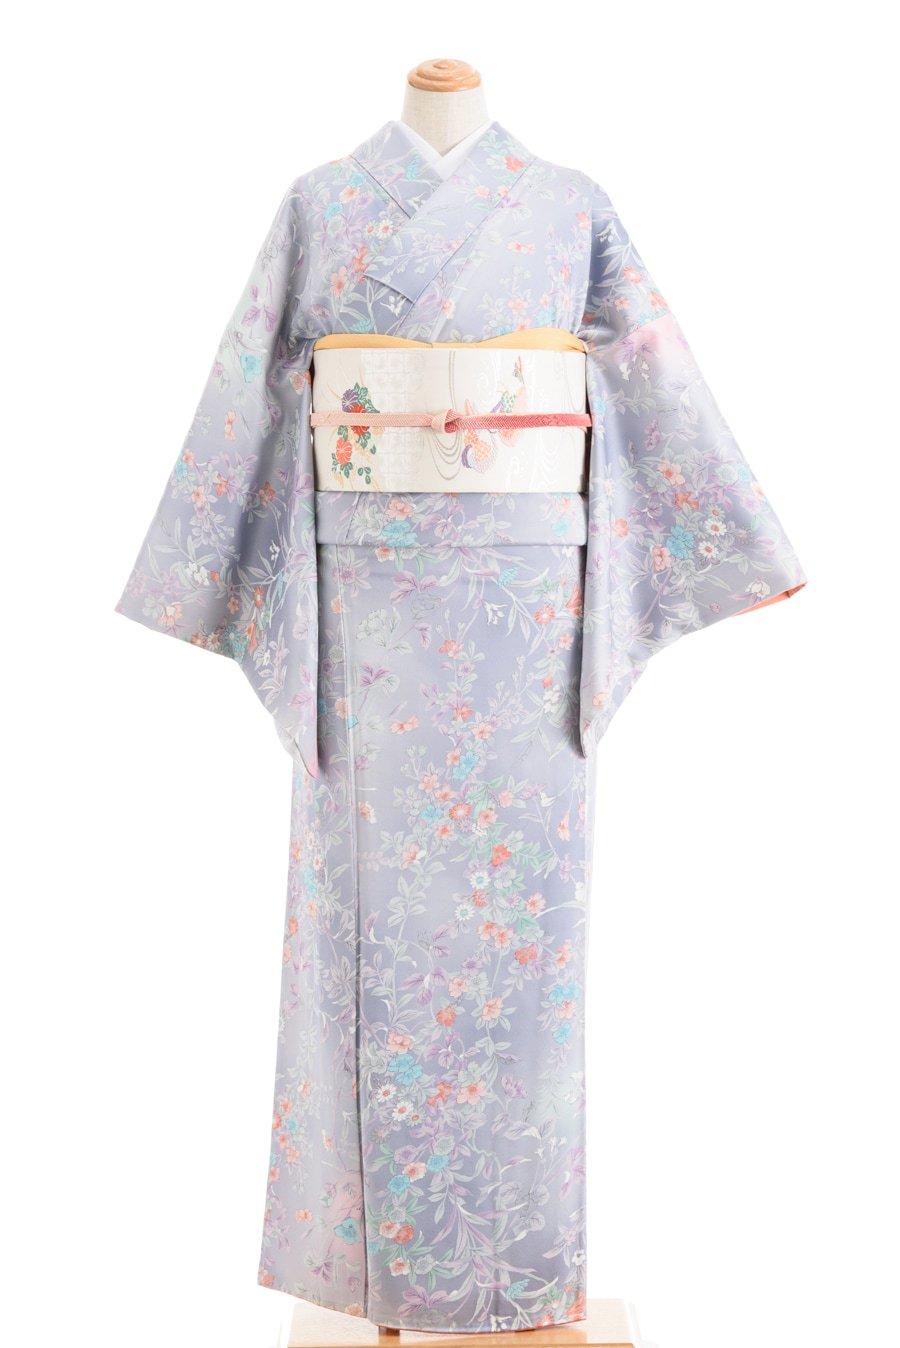 「菫色の暈しに菊や桜」の商品画像